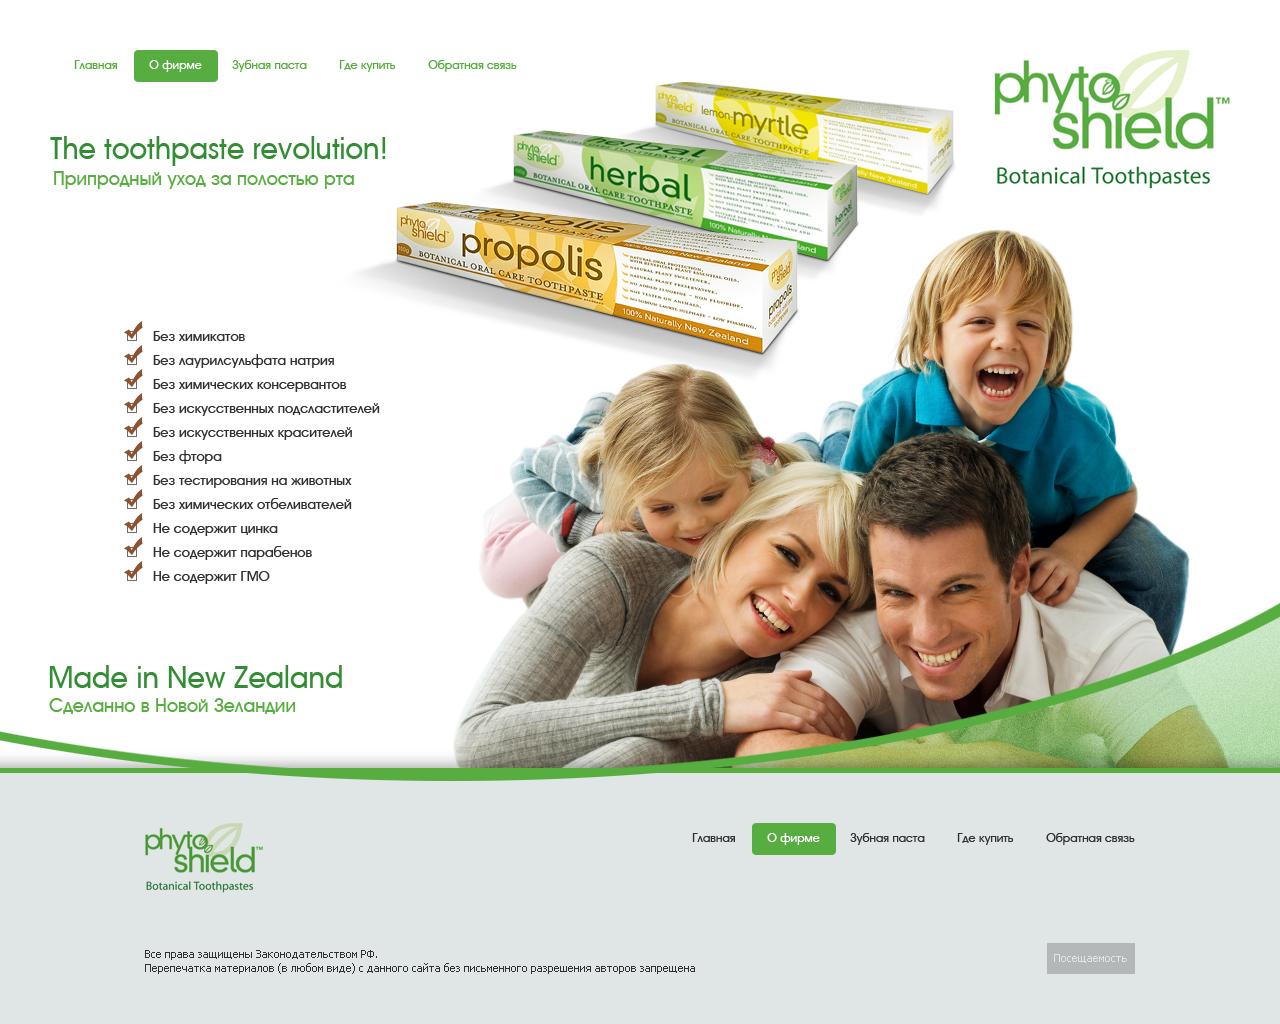 <p>Компания Phyto Shield - природный уход за полостью рта! Для тех, кто заботится о здоровье своих зубов! С продукцией компании Phyto Shield ваша улыбка будет всегда безупречной.</p>